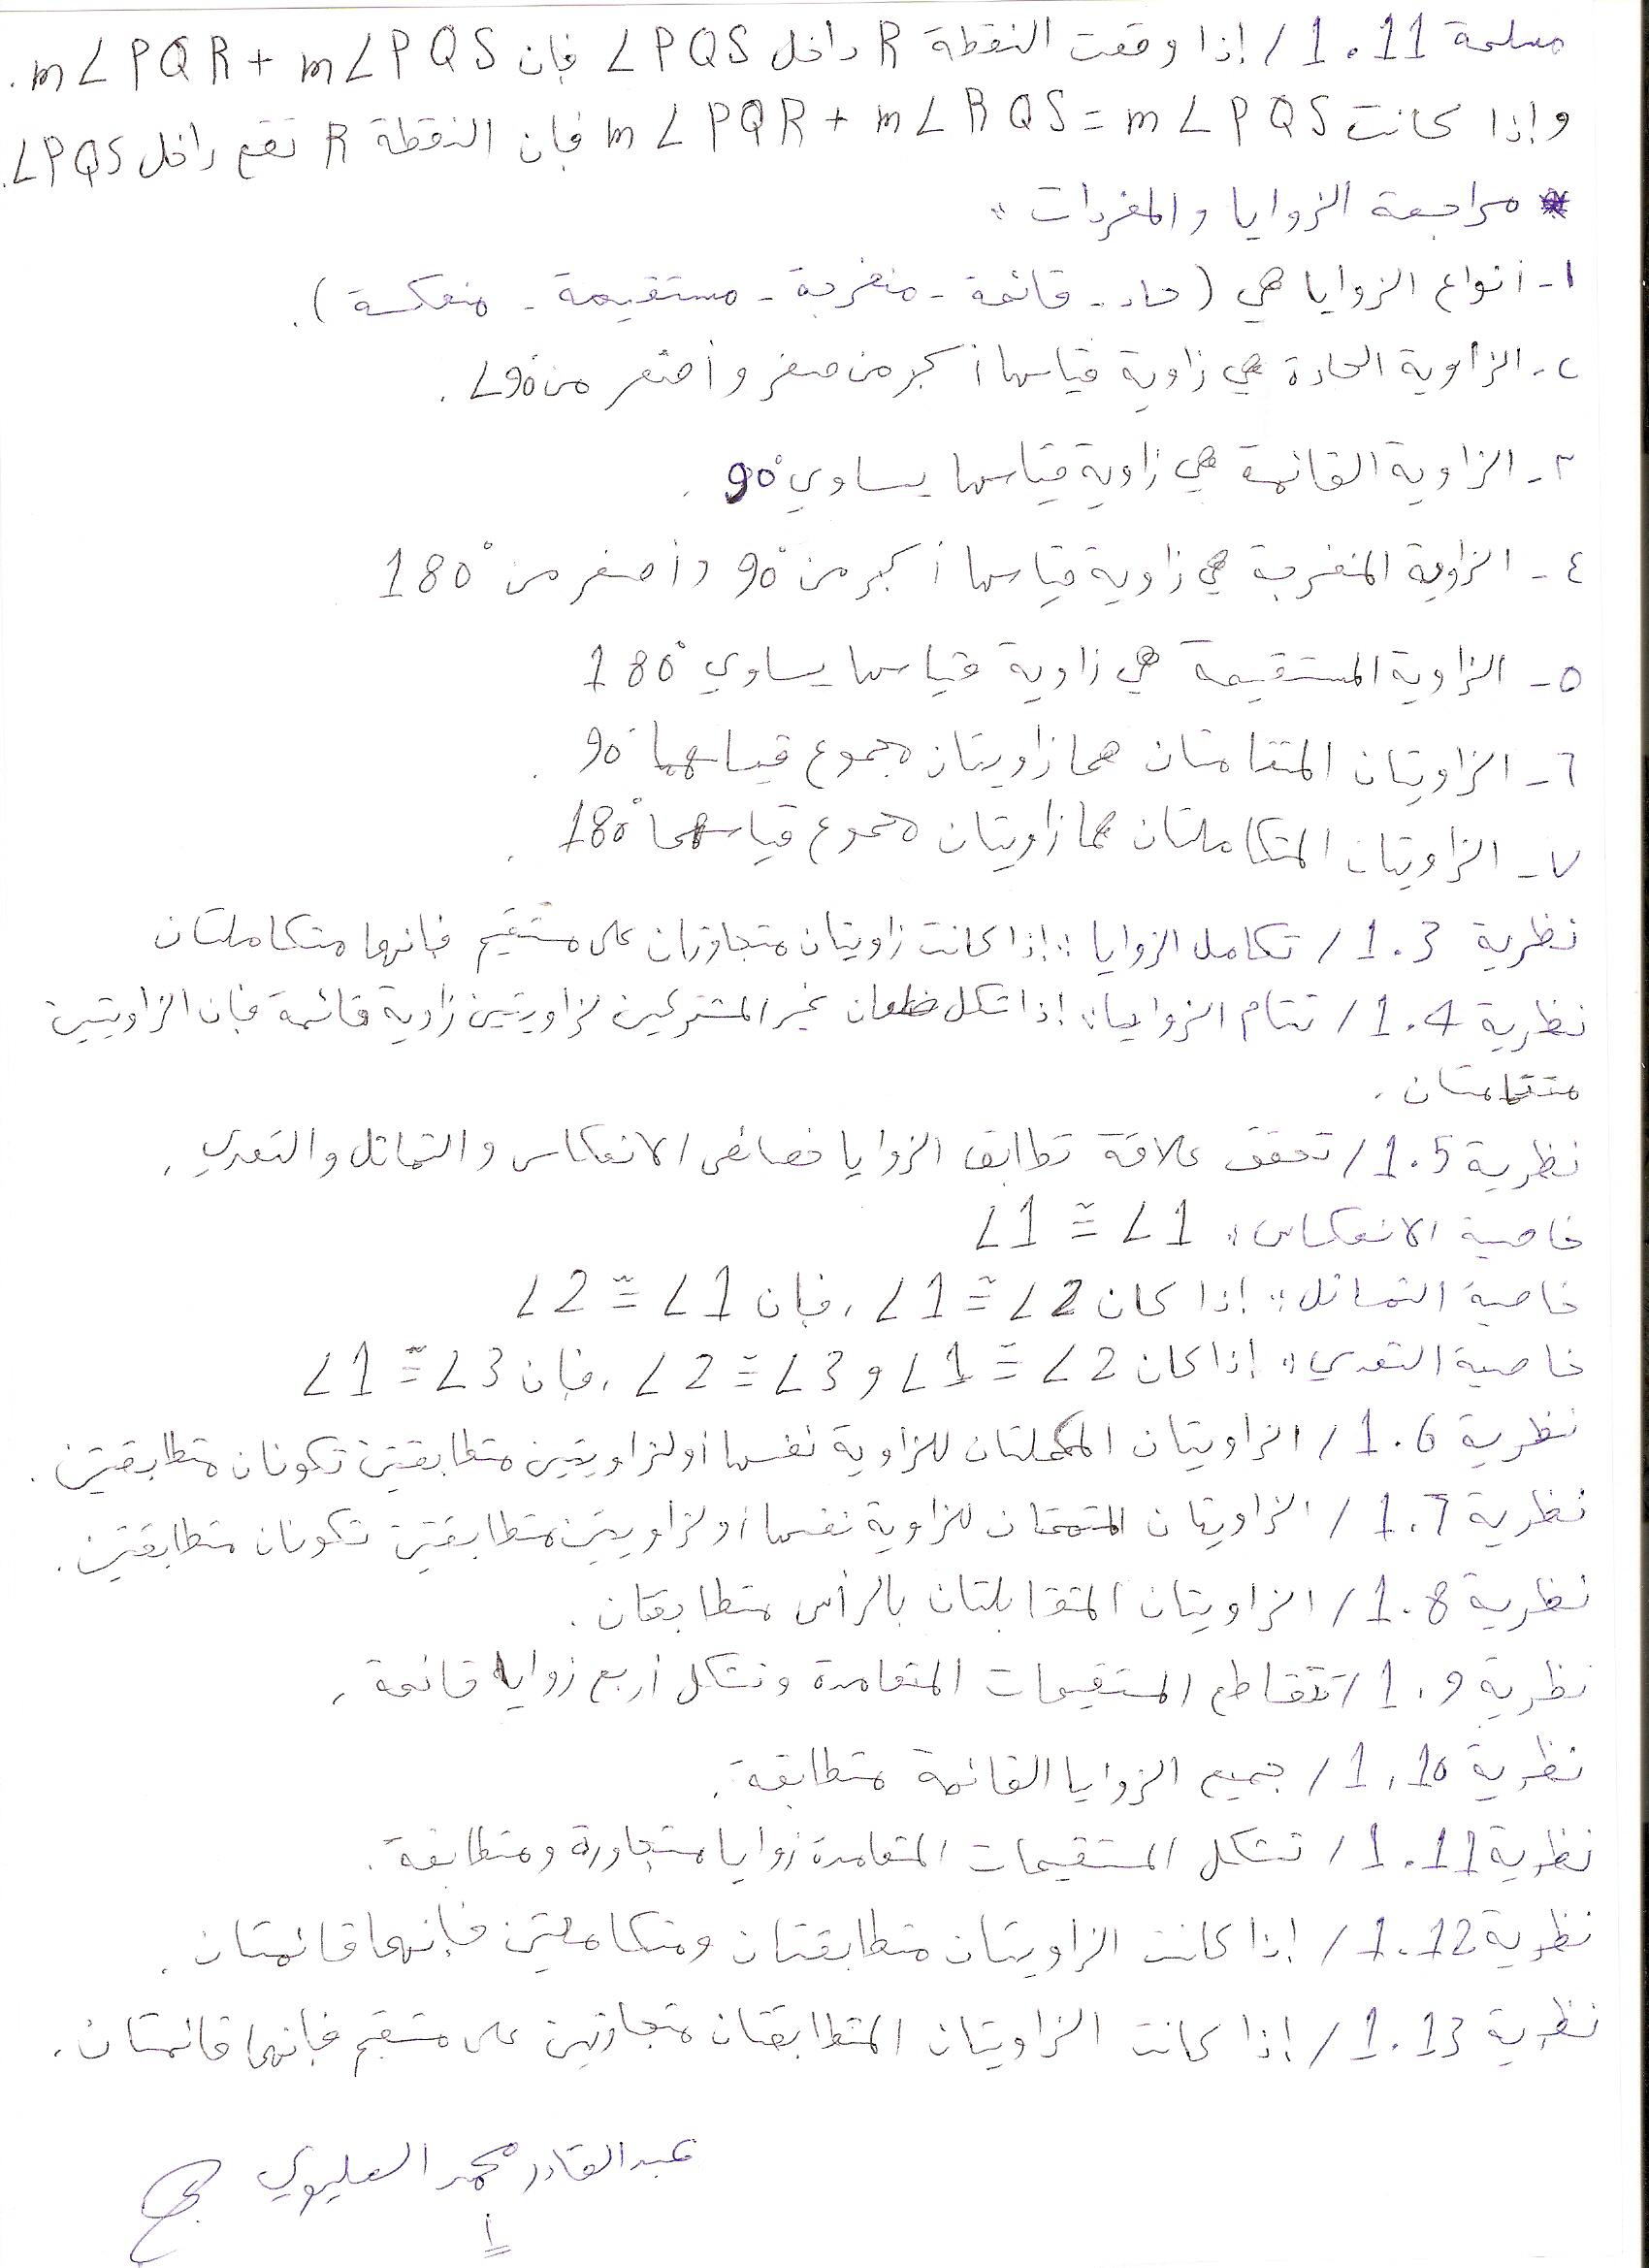 رياضيات مقررات 1 اول ثانوي شرح الباب الأول 5 اوراق اطبعها و